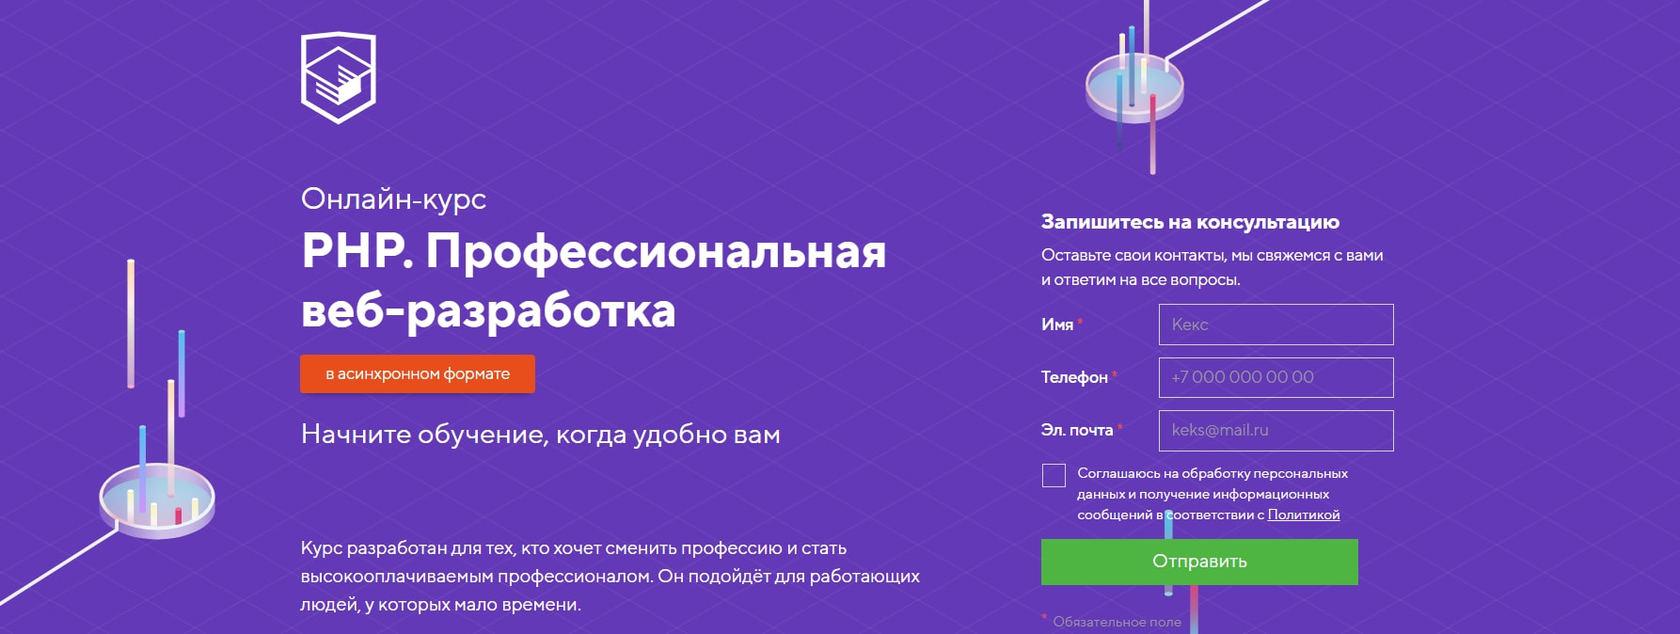 Записаться на Онлайн-курс «PHP. Профессиональная веб-разработка» от htmlacademy